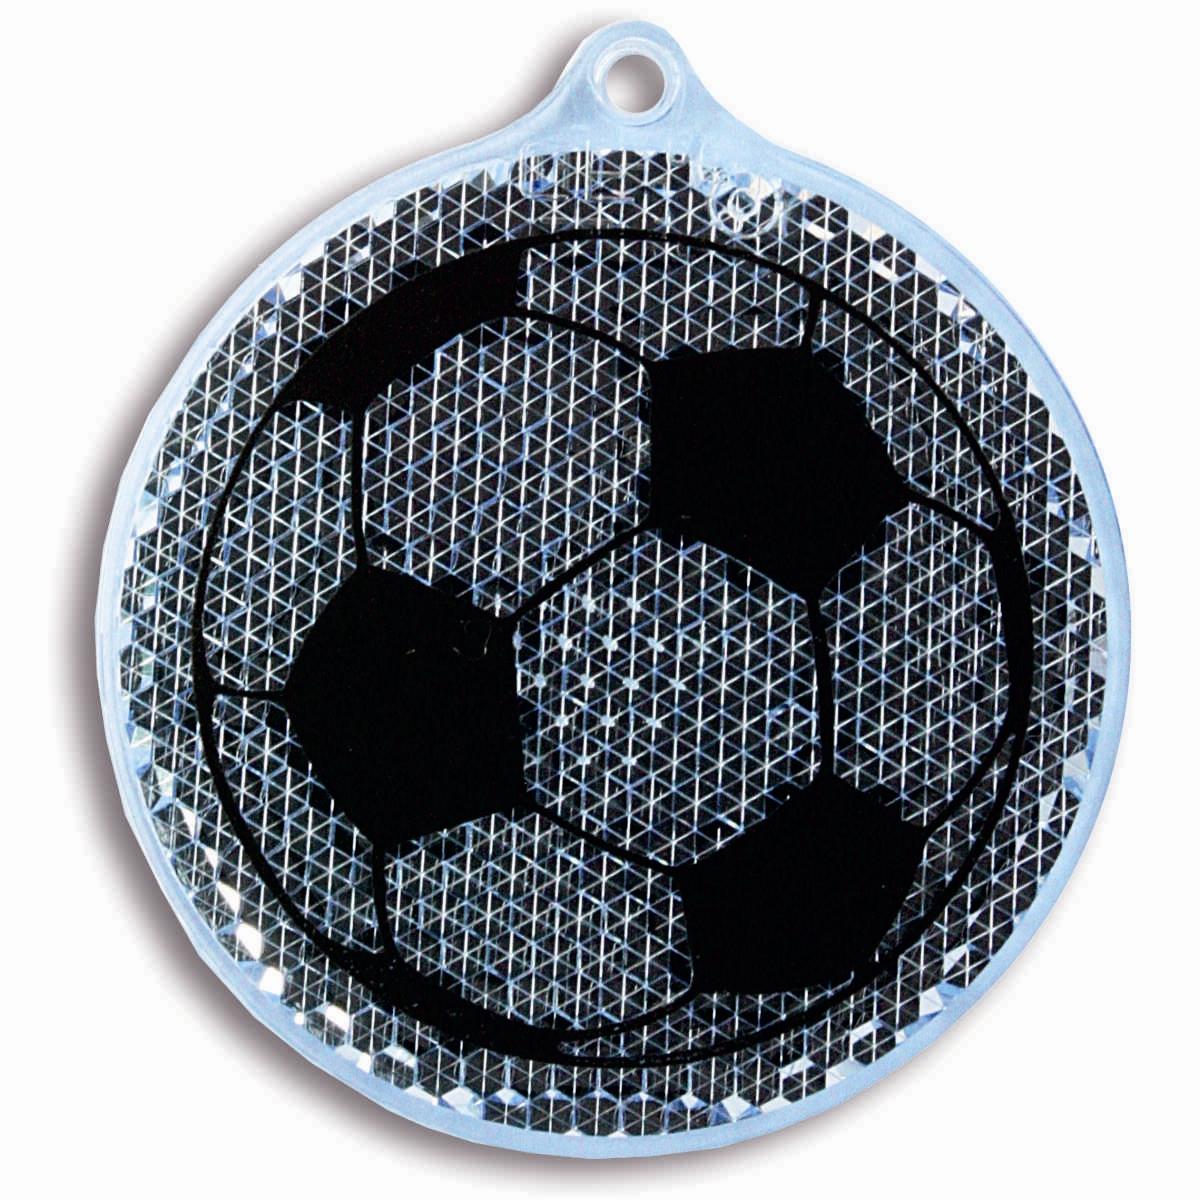 Светоотражатель пешеходный Coreflect Мяч, цвет: синий118702Пешеходный светоотражатель — это серьезное средство безопасности на дороге. Использование светоотражателей позволяет в десятки раз сократить количество ДТП с участием пешеходов в темное время суток. Светоотражатель крепится на одежду и обладает способностью к направленному отражению светового потока. Благодаря такому отражению, водитель может вовремя заметить пешехода в темноте, даже если он стоит или двигается по обочине. А значит, он успеет среагировать и избежит возможного столкновения. С 1 июля 2015 года ношение светоотражателей вне населенных пунктов является обязательным для пешеходов! Мы рекомендуем носить их и в городе! Для безопасности и сохранения жизни!